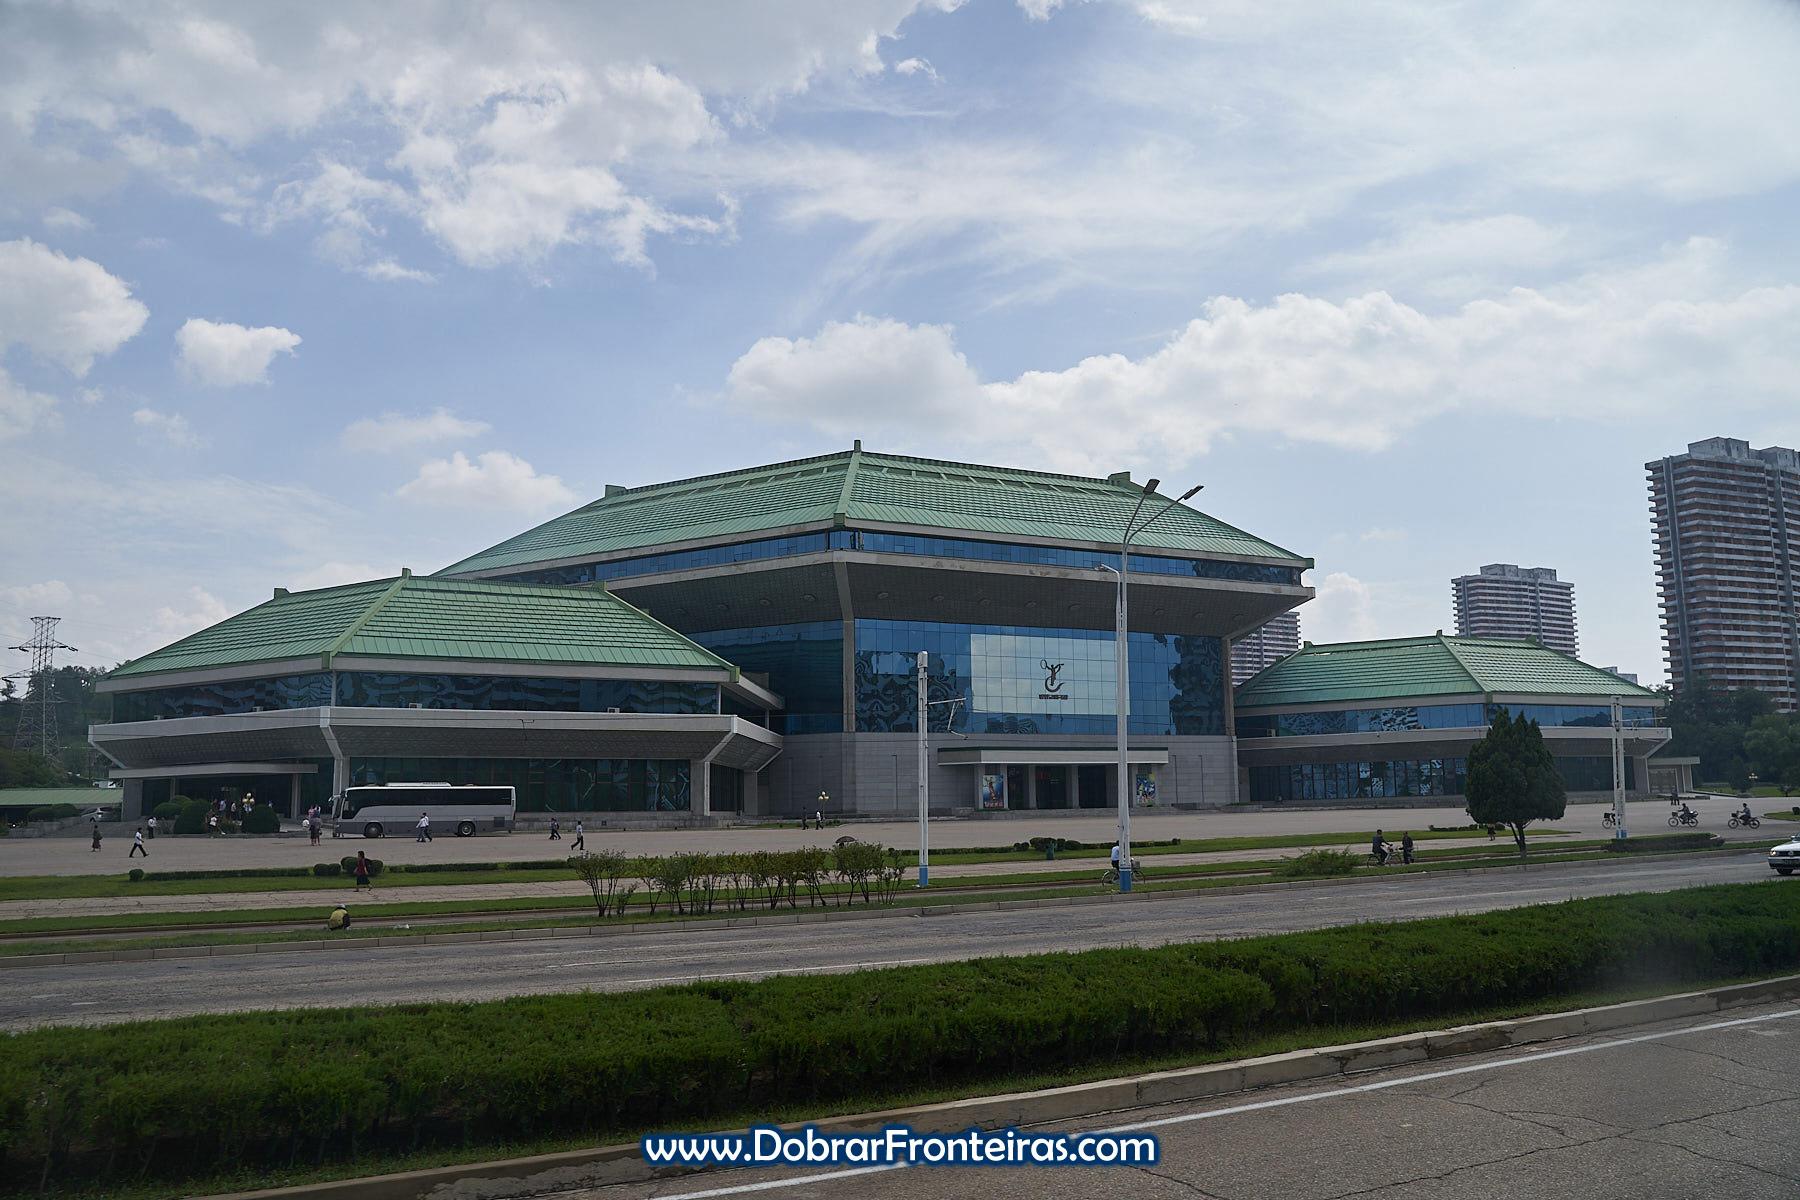 Edifício do circo de Pyongyang